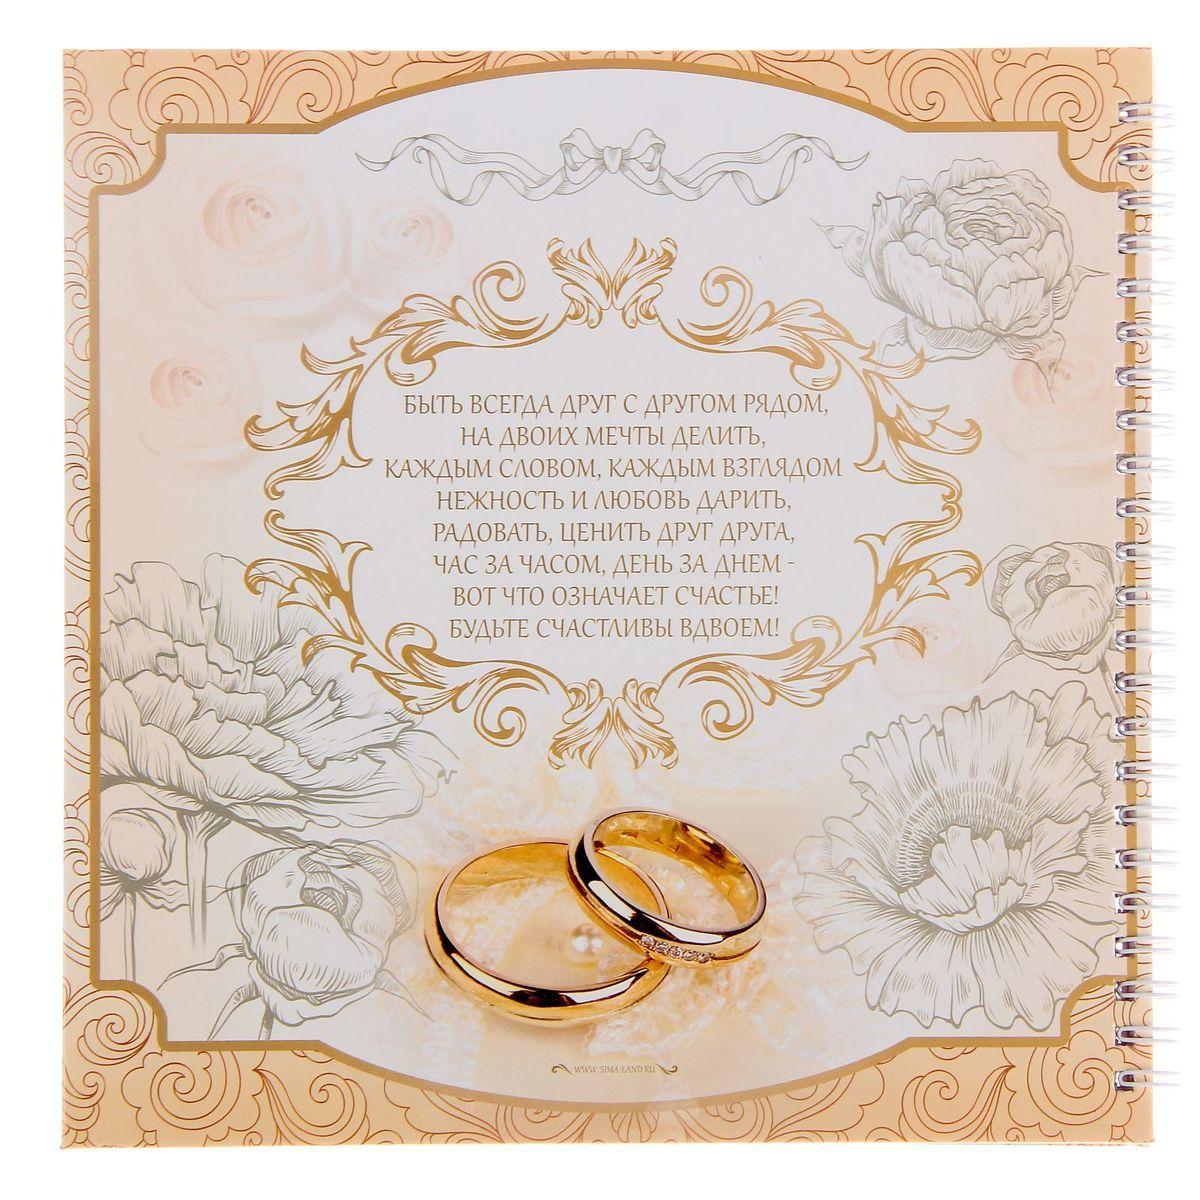 Поздравление на свадьбе от свекрови 77